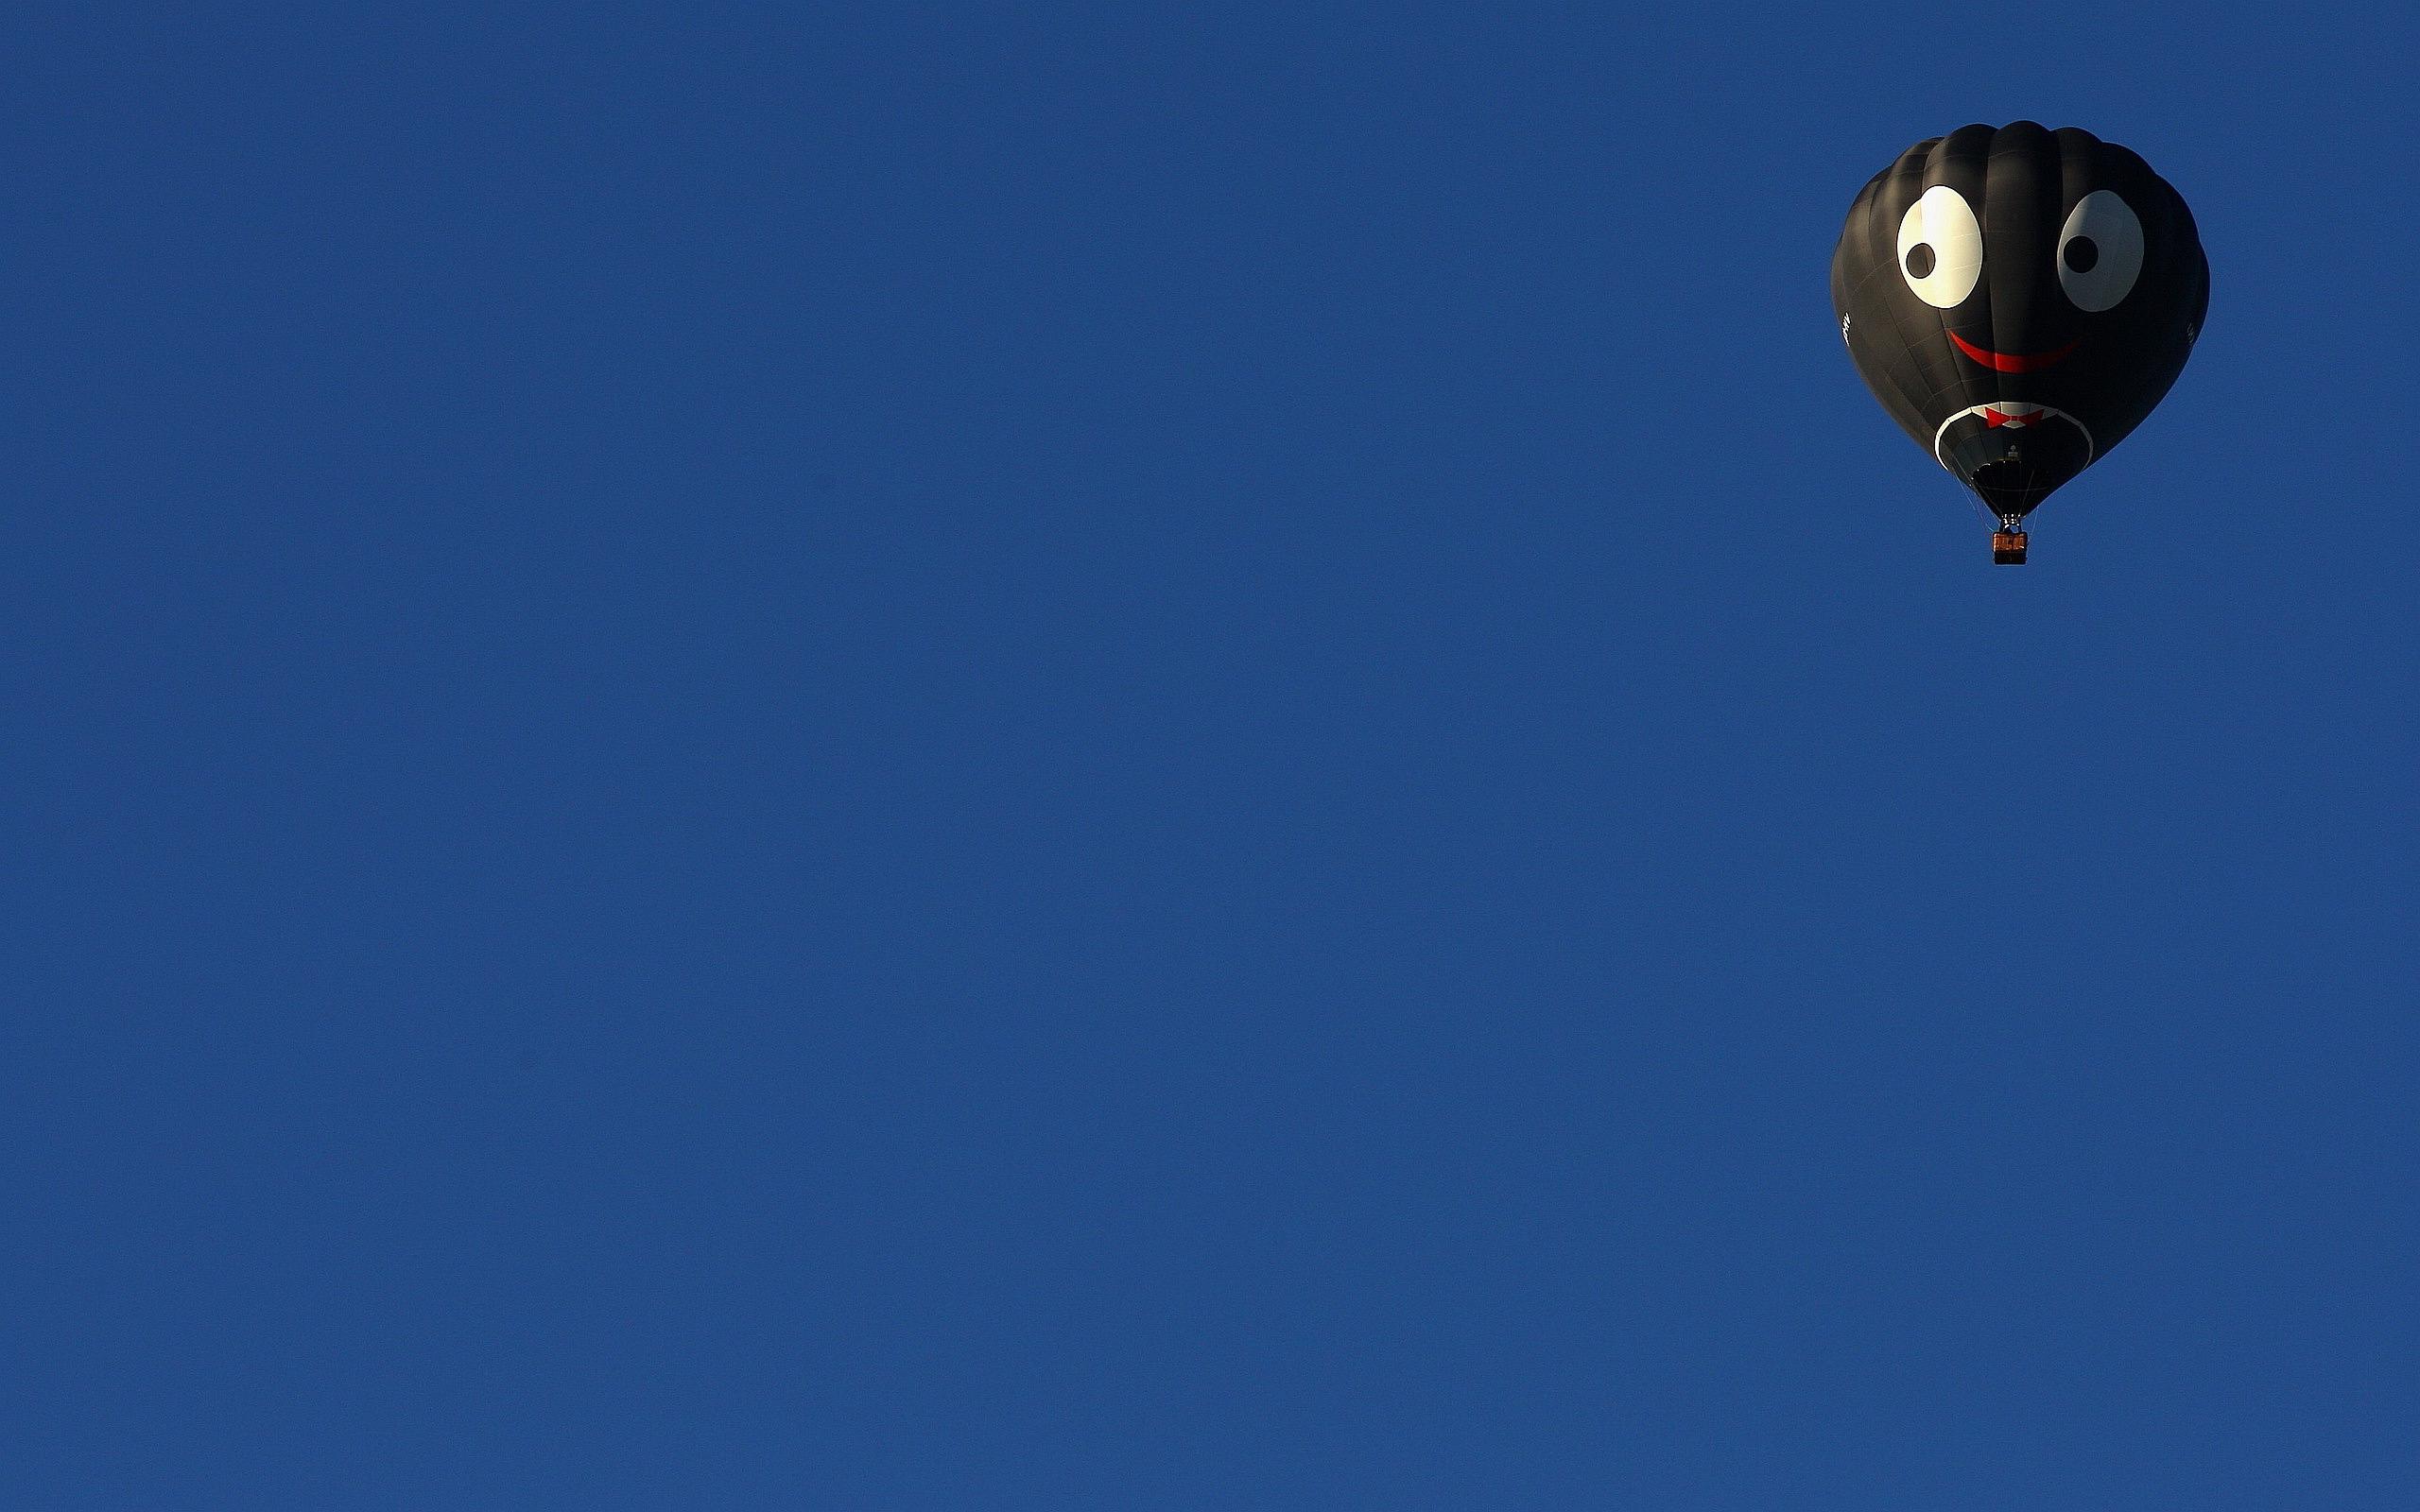 Smiley Hot Air Balloon